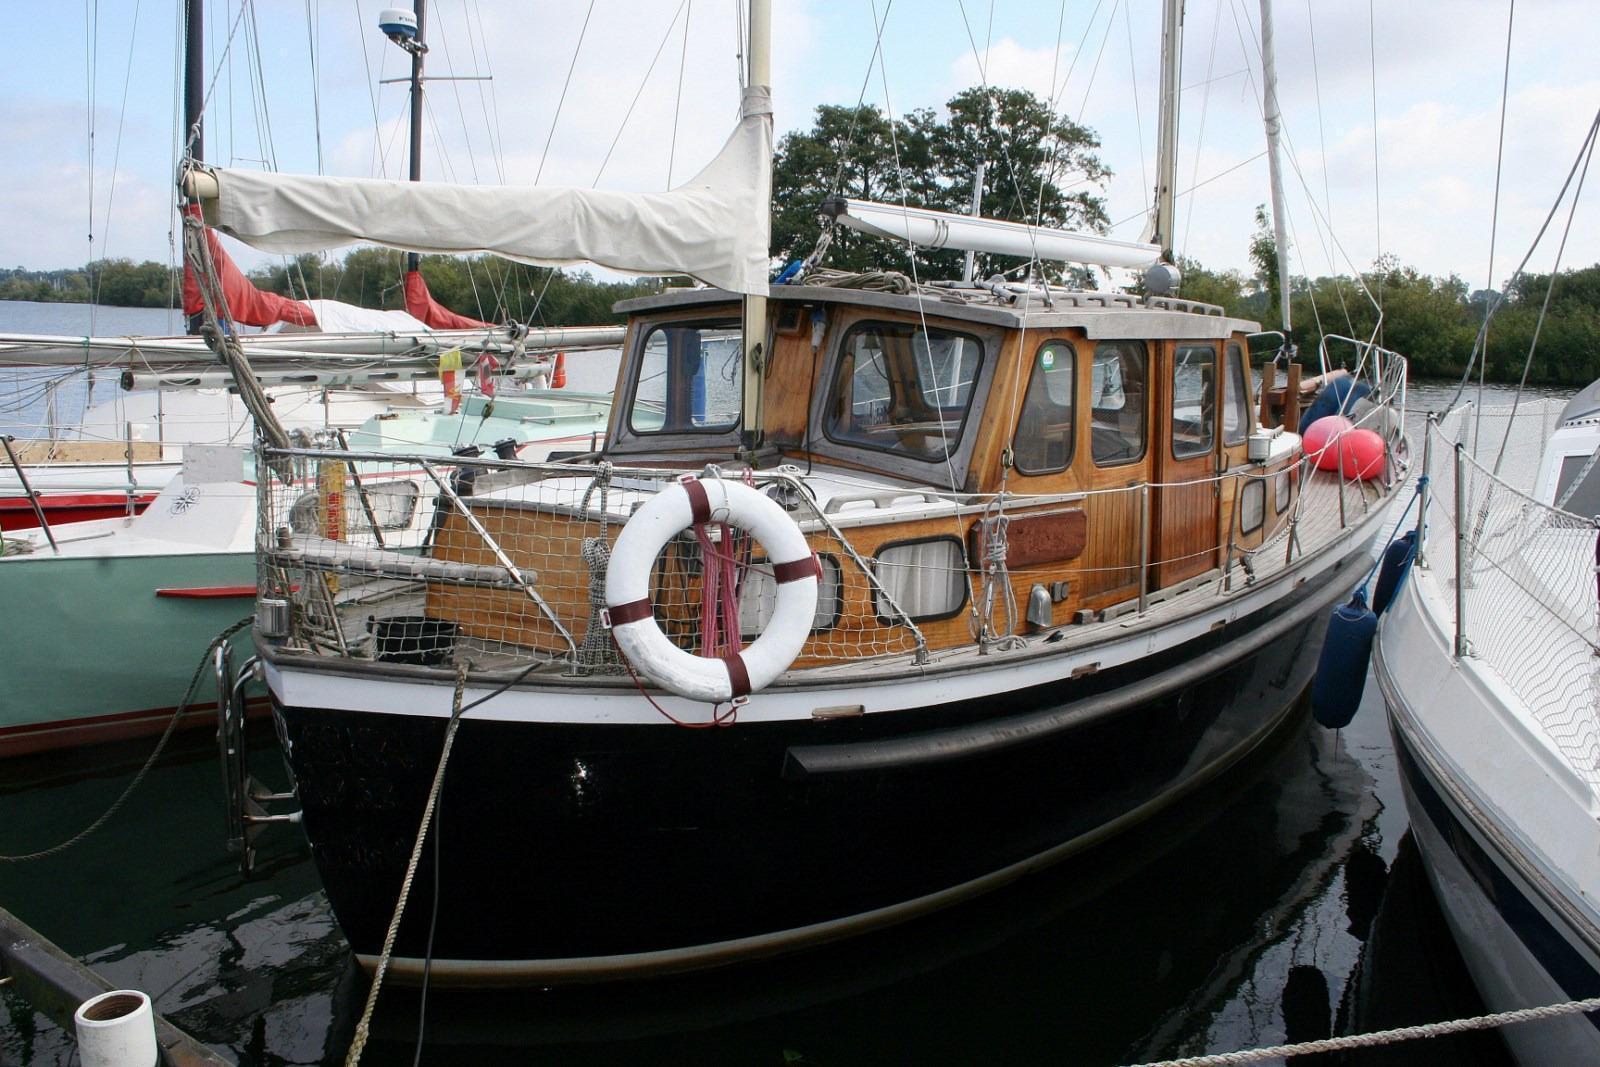 Faenoé Faenoe 33 / Nauticat 33, near to Greifswald